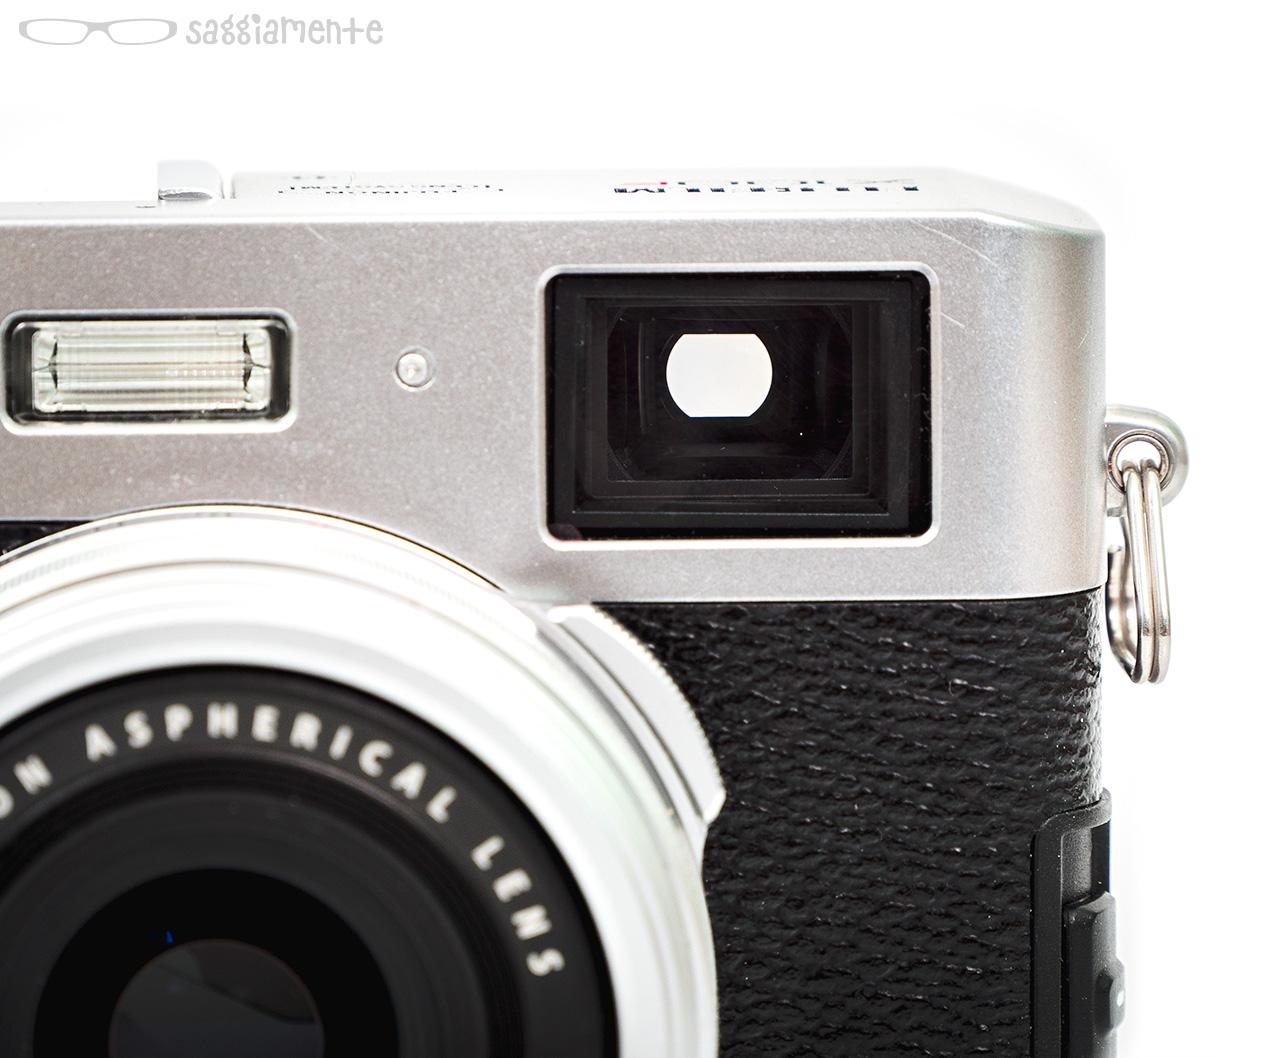 Recensione: Fujifilm X100F, quarta generazione di un'icona